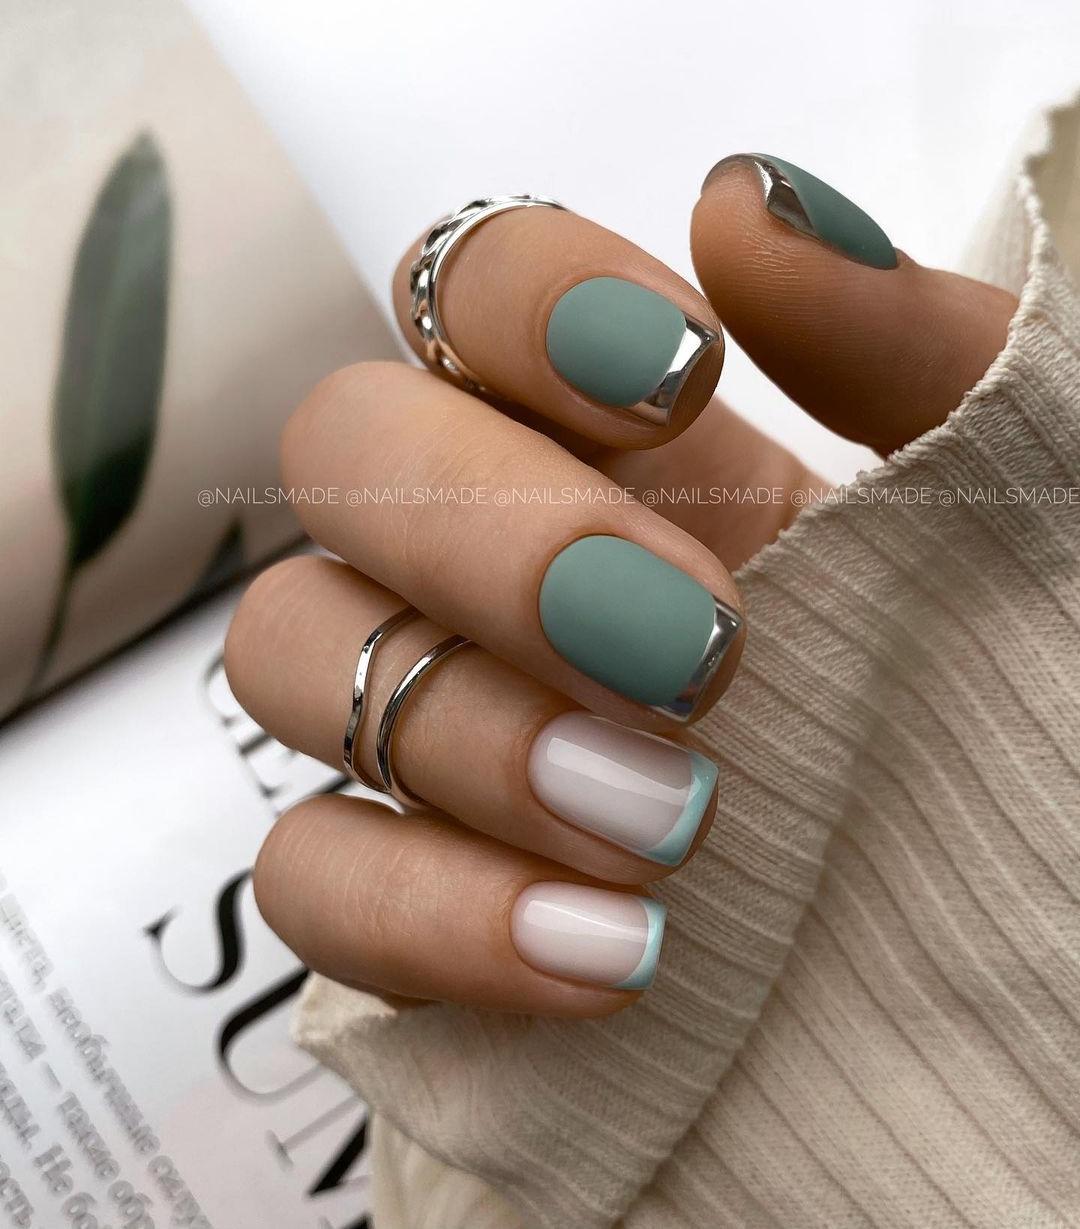 маникюр зима 2020 на короткие ногти на новый год френч французский серебряный металлик голубой зеленый матовый пастельнежный нейл-арт нейл-дизайн